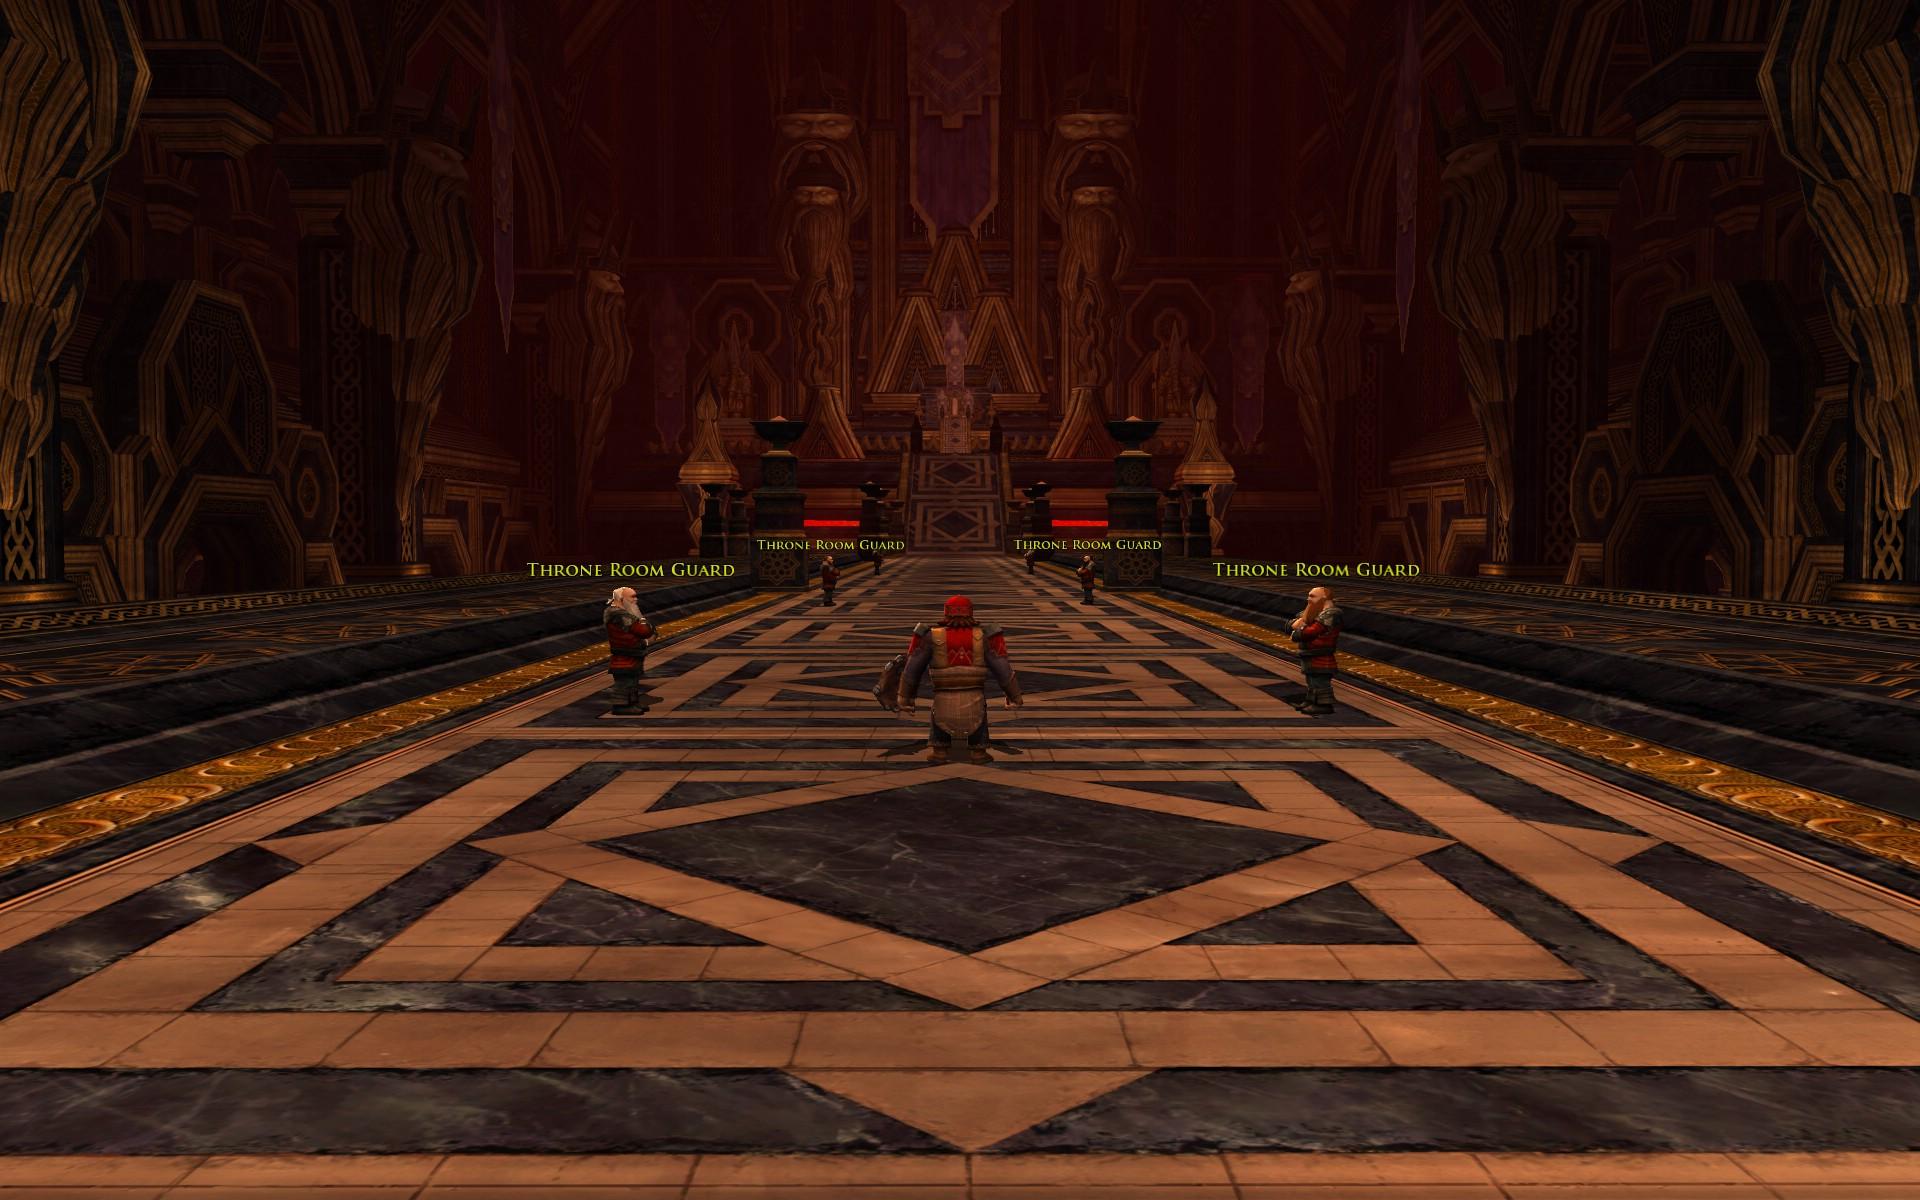 『ロード・オブ・ザ・リングス オンライン』における、没落以前のモリアの王の間